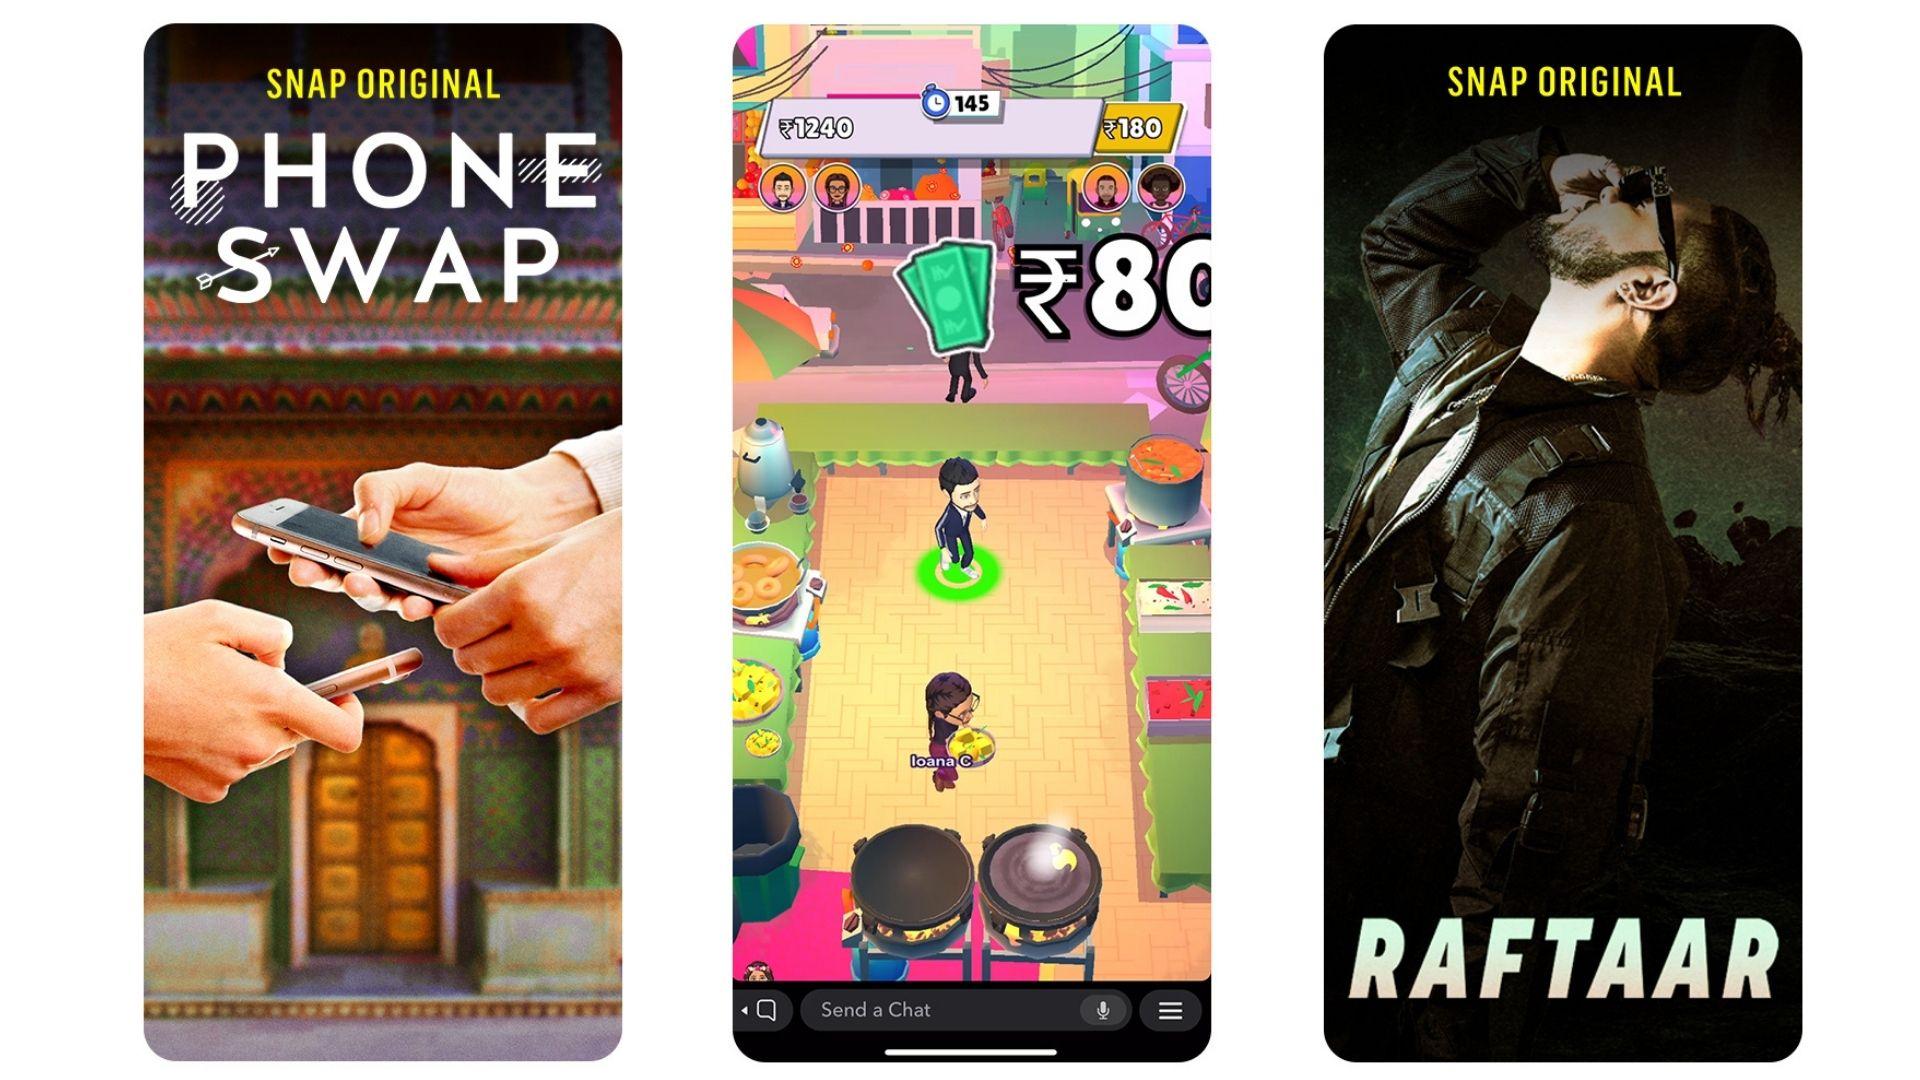 Snapchat is bringing a Hindi adaptation of its most popular Snap Original, Phone Swap.